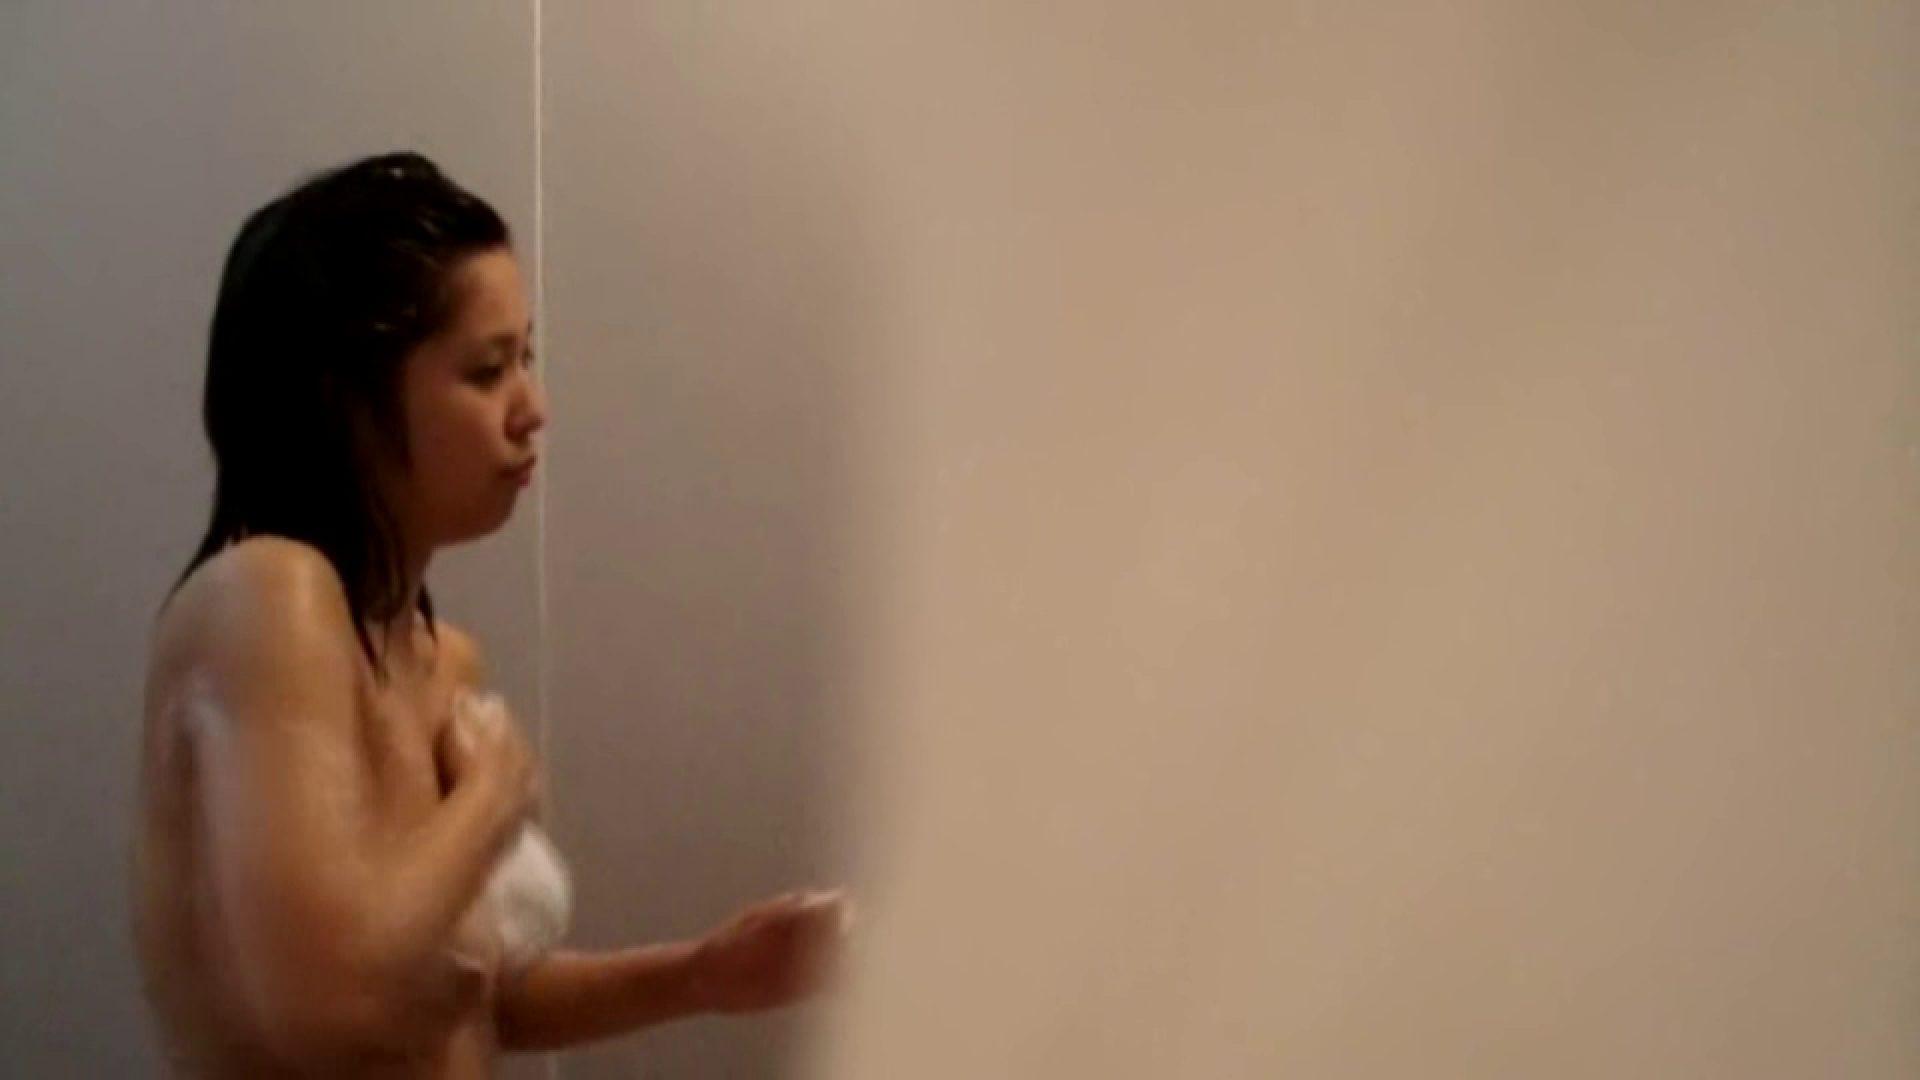 vol.2 葵のグラドル顔負けの爆乳を入浴シーンでどうぞ。 入浴  38連発 32